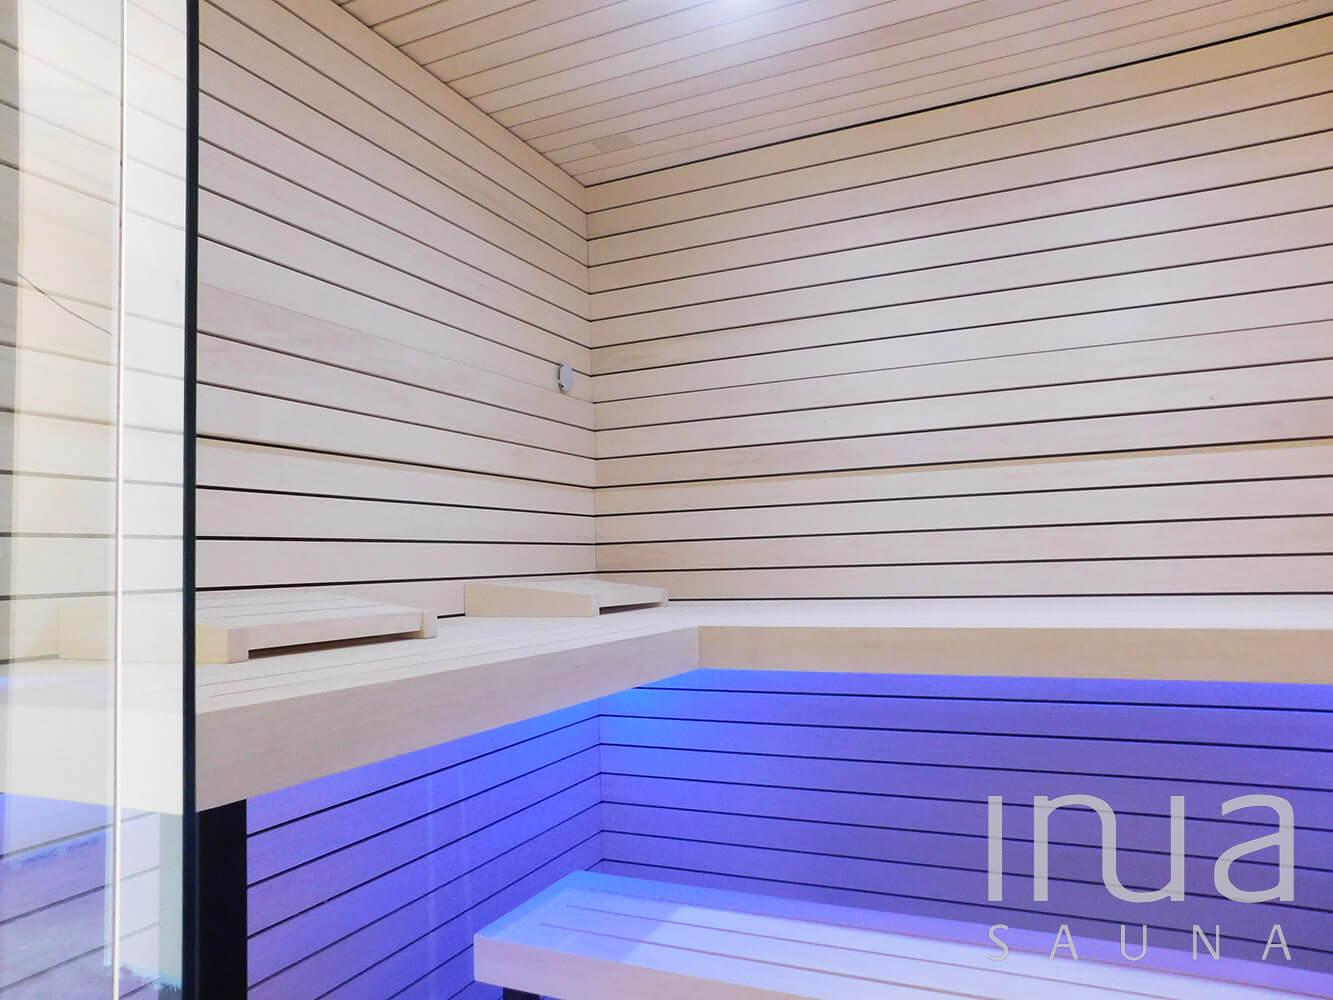 Finn rezgő nyárfából készült, Inua panelrendszerrel szerelt egyedi beltéri szauna. | Inua Szauna Kft.